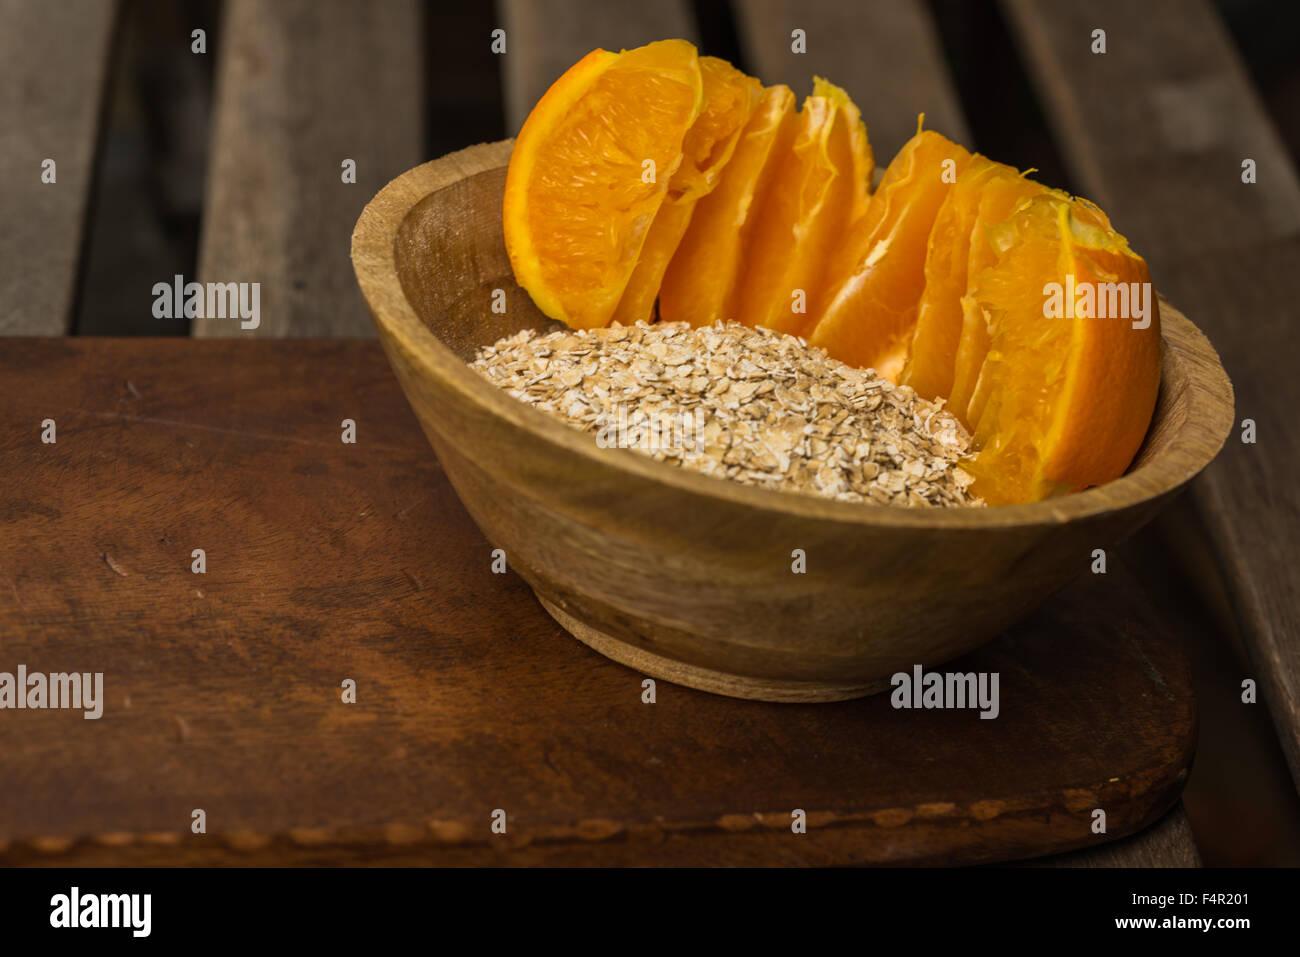 Los copos de avena y naranja en un tazón de desayuno saludable - Sinergia de alimentos, añada agua o  Imagen De Stock